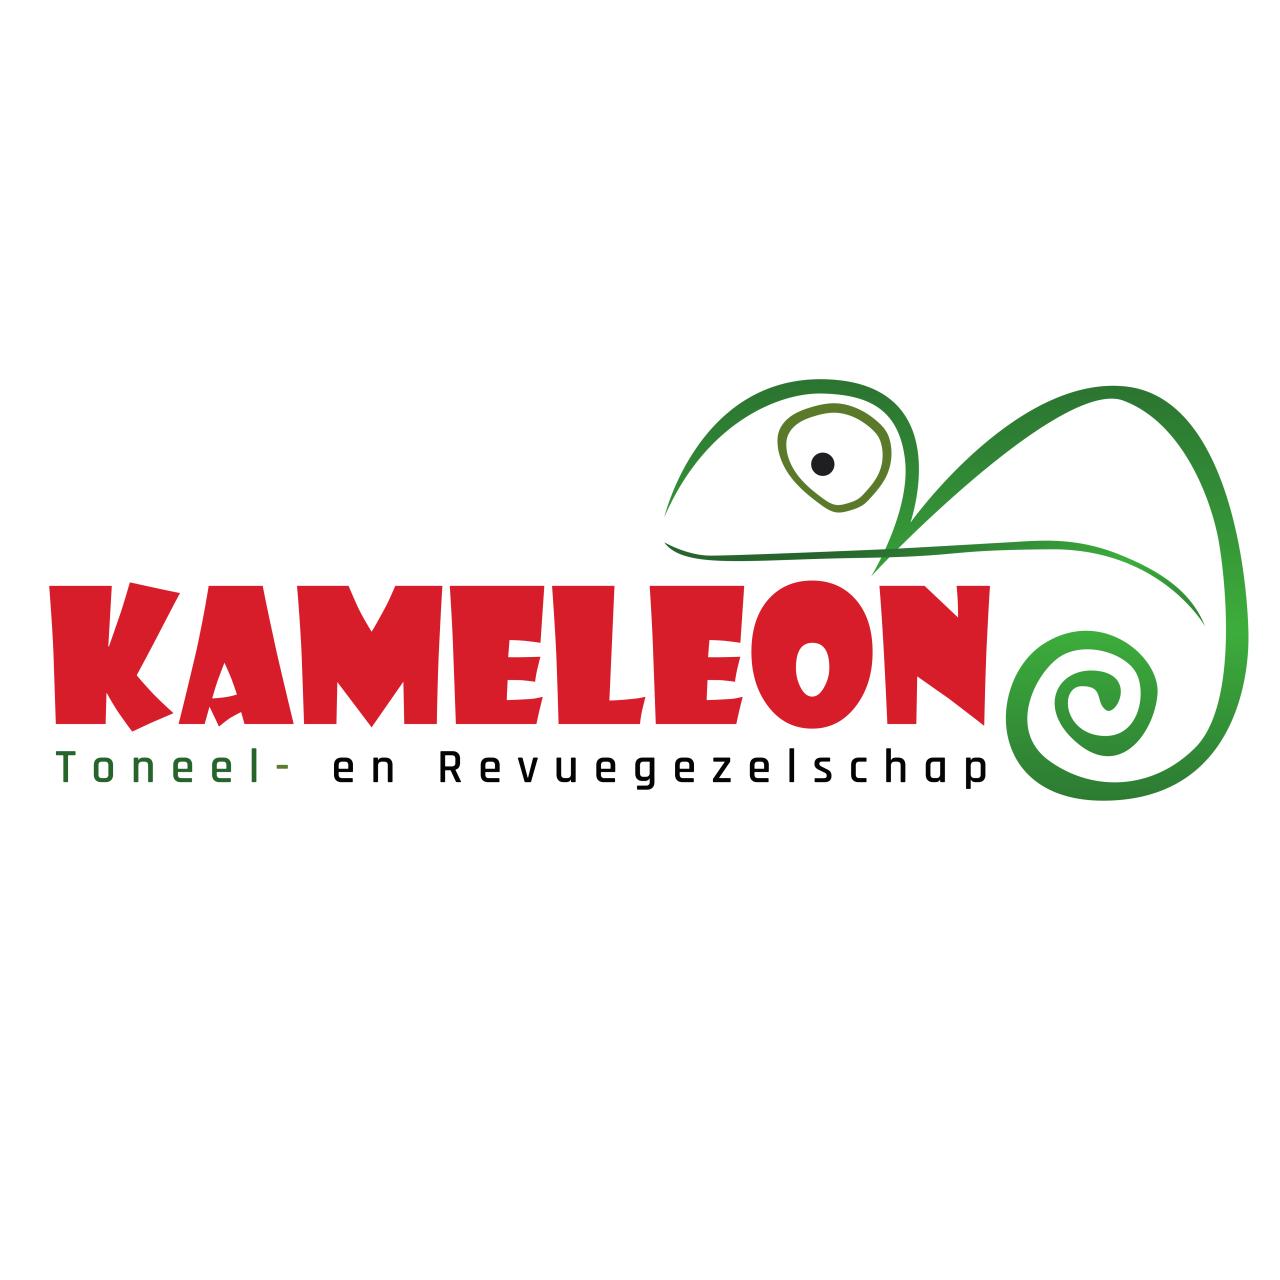 Kameleon logo png hd